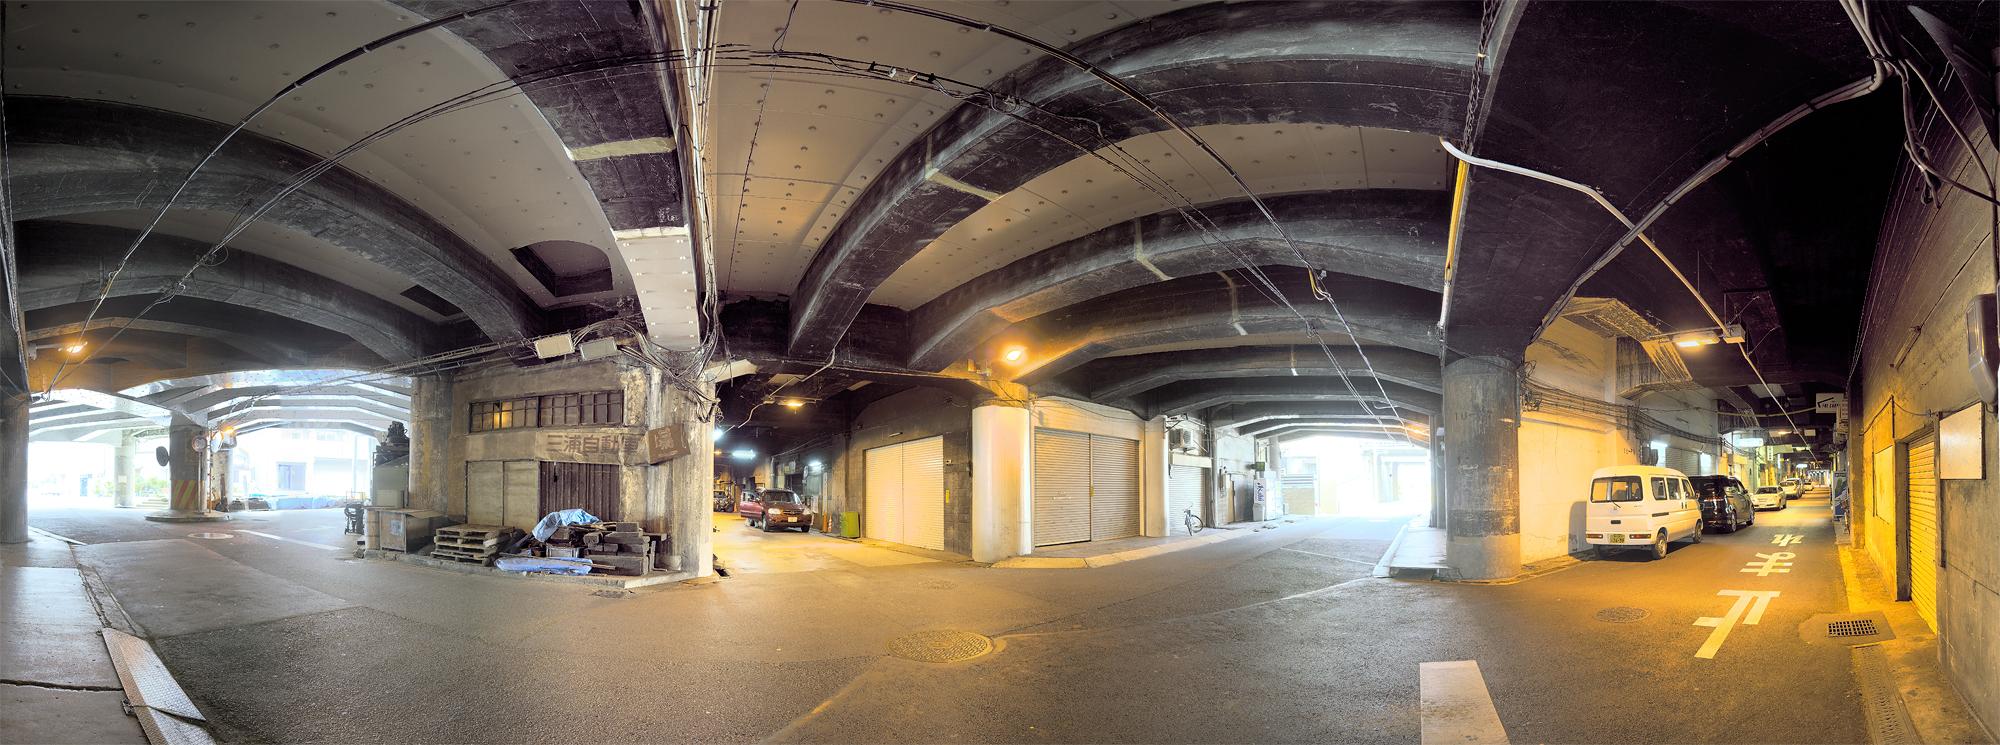 中津高架下800 東京より、関西のほうが高架下建築では一日の長あり、って感じだ。これで財...